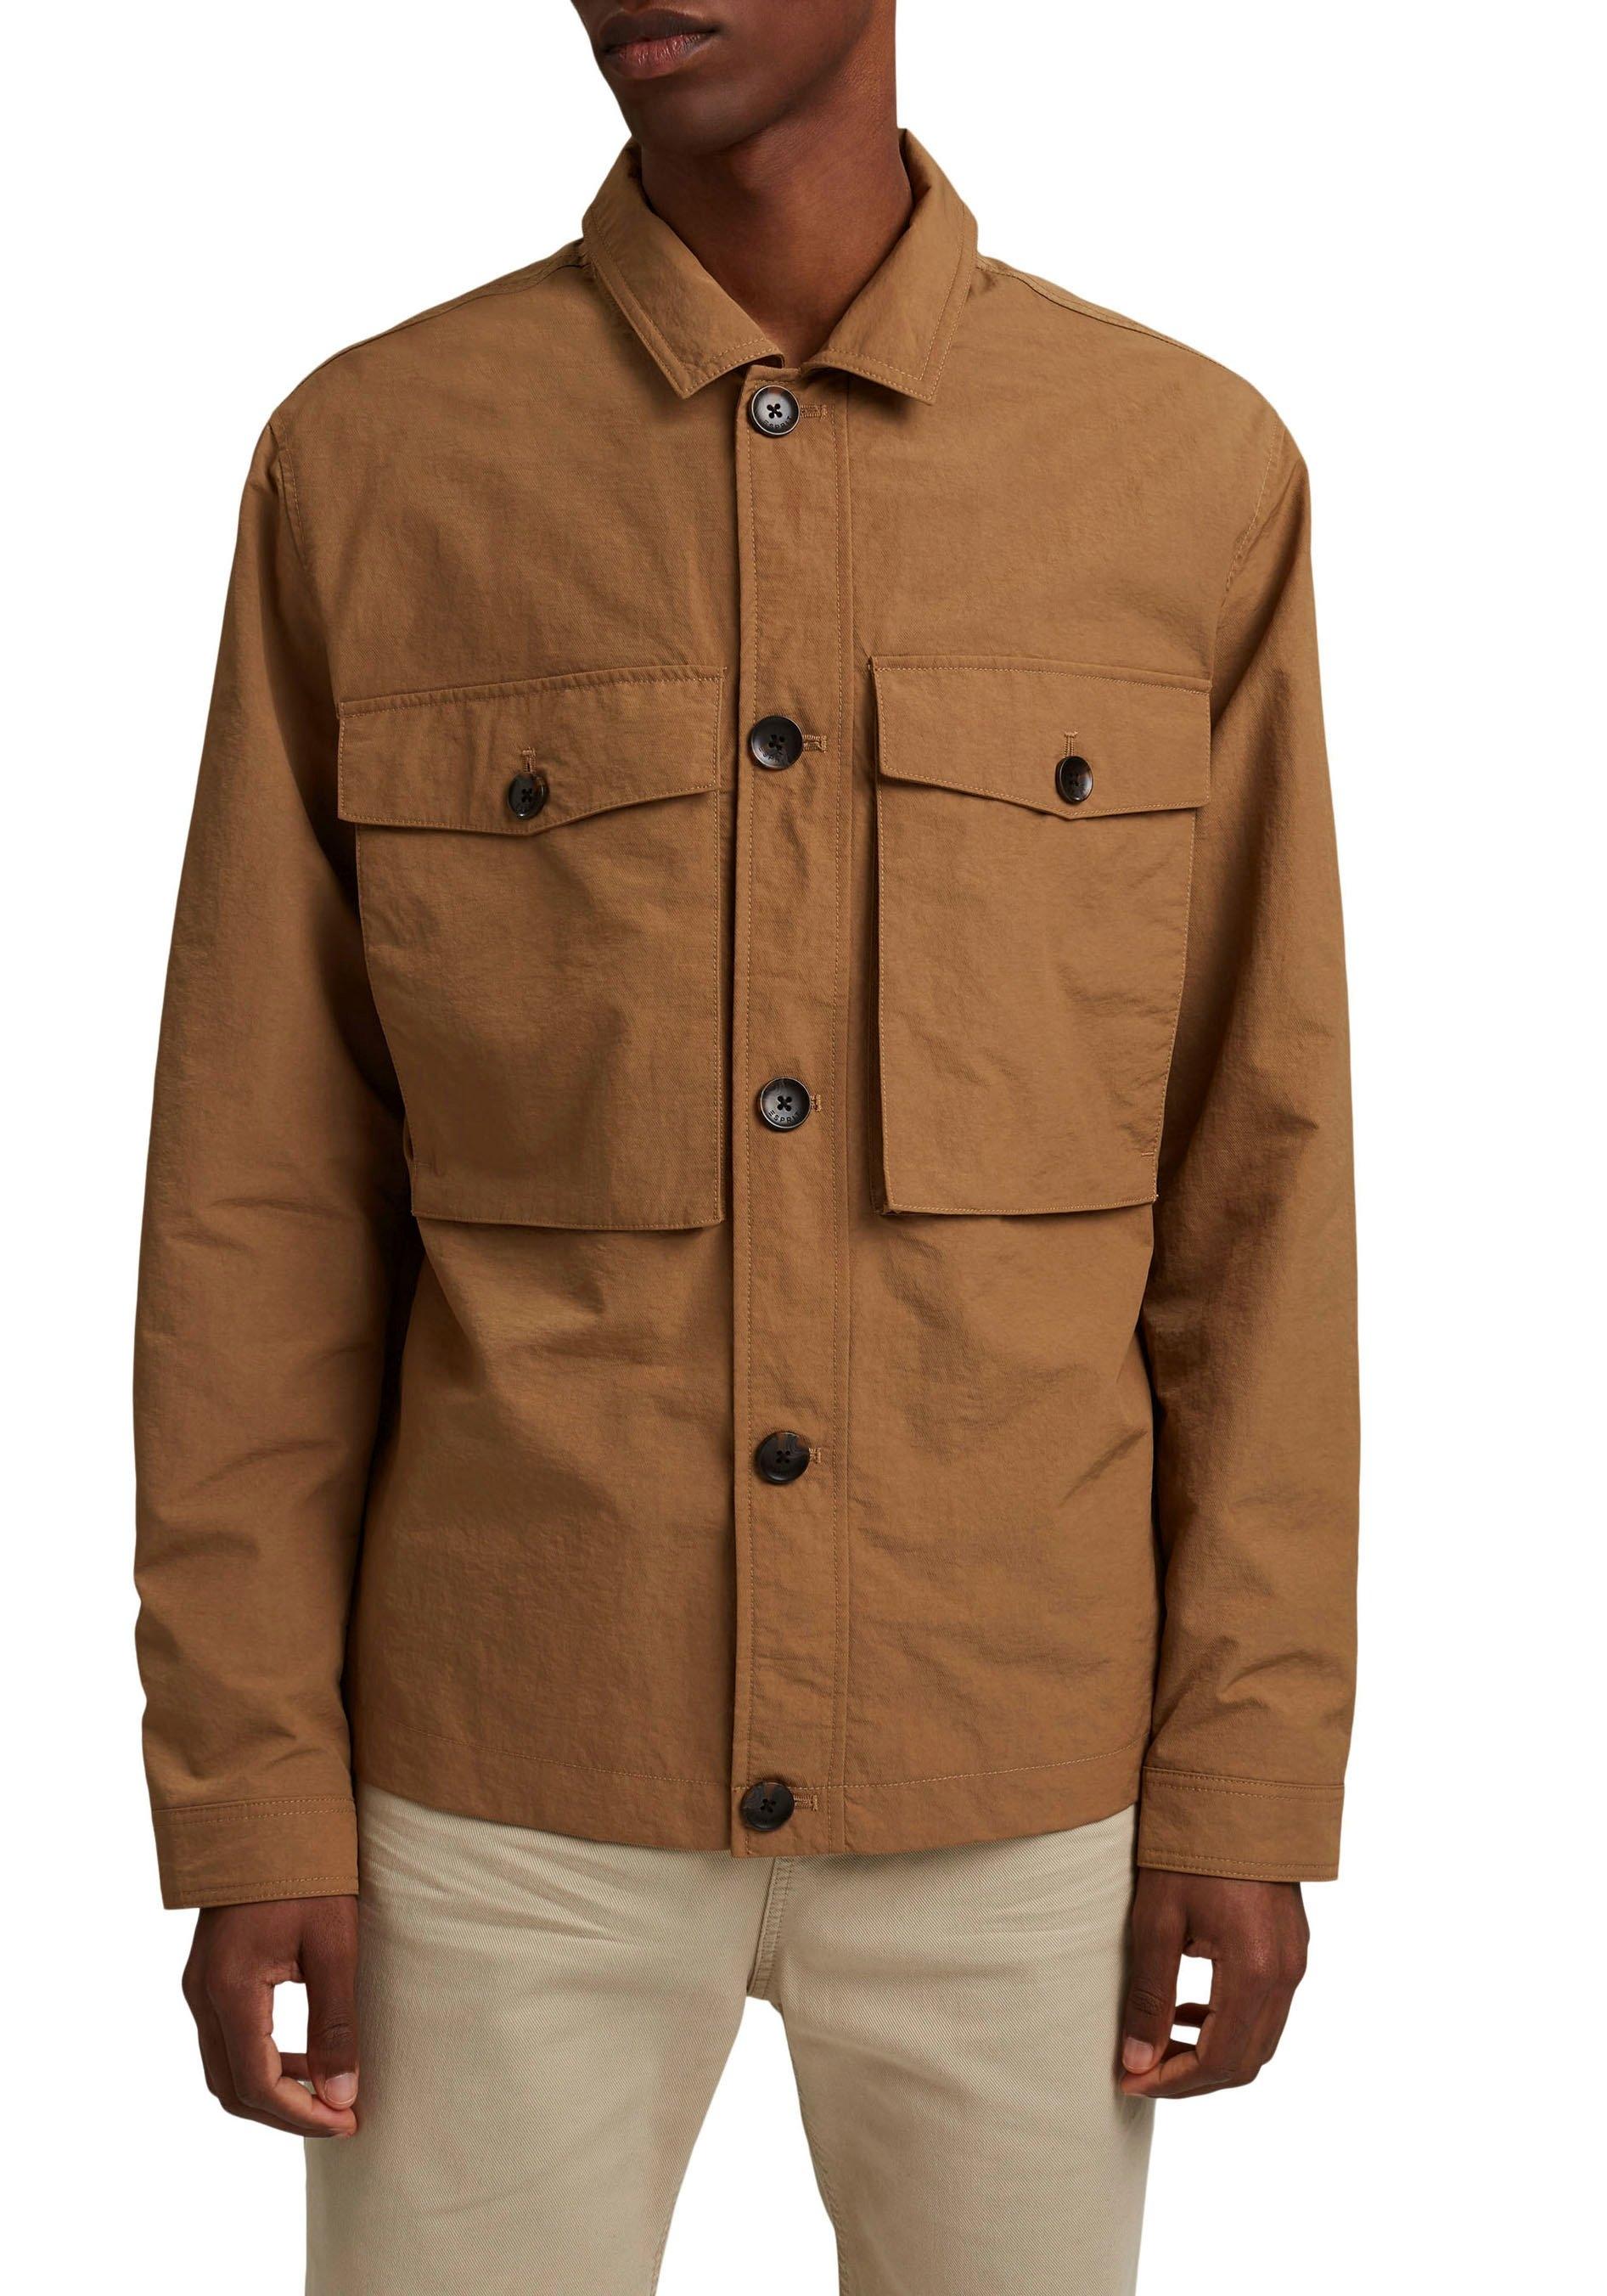 Esprit field-jacket met markante borstzakken nu online bestellen